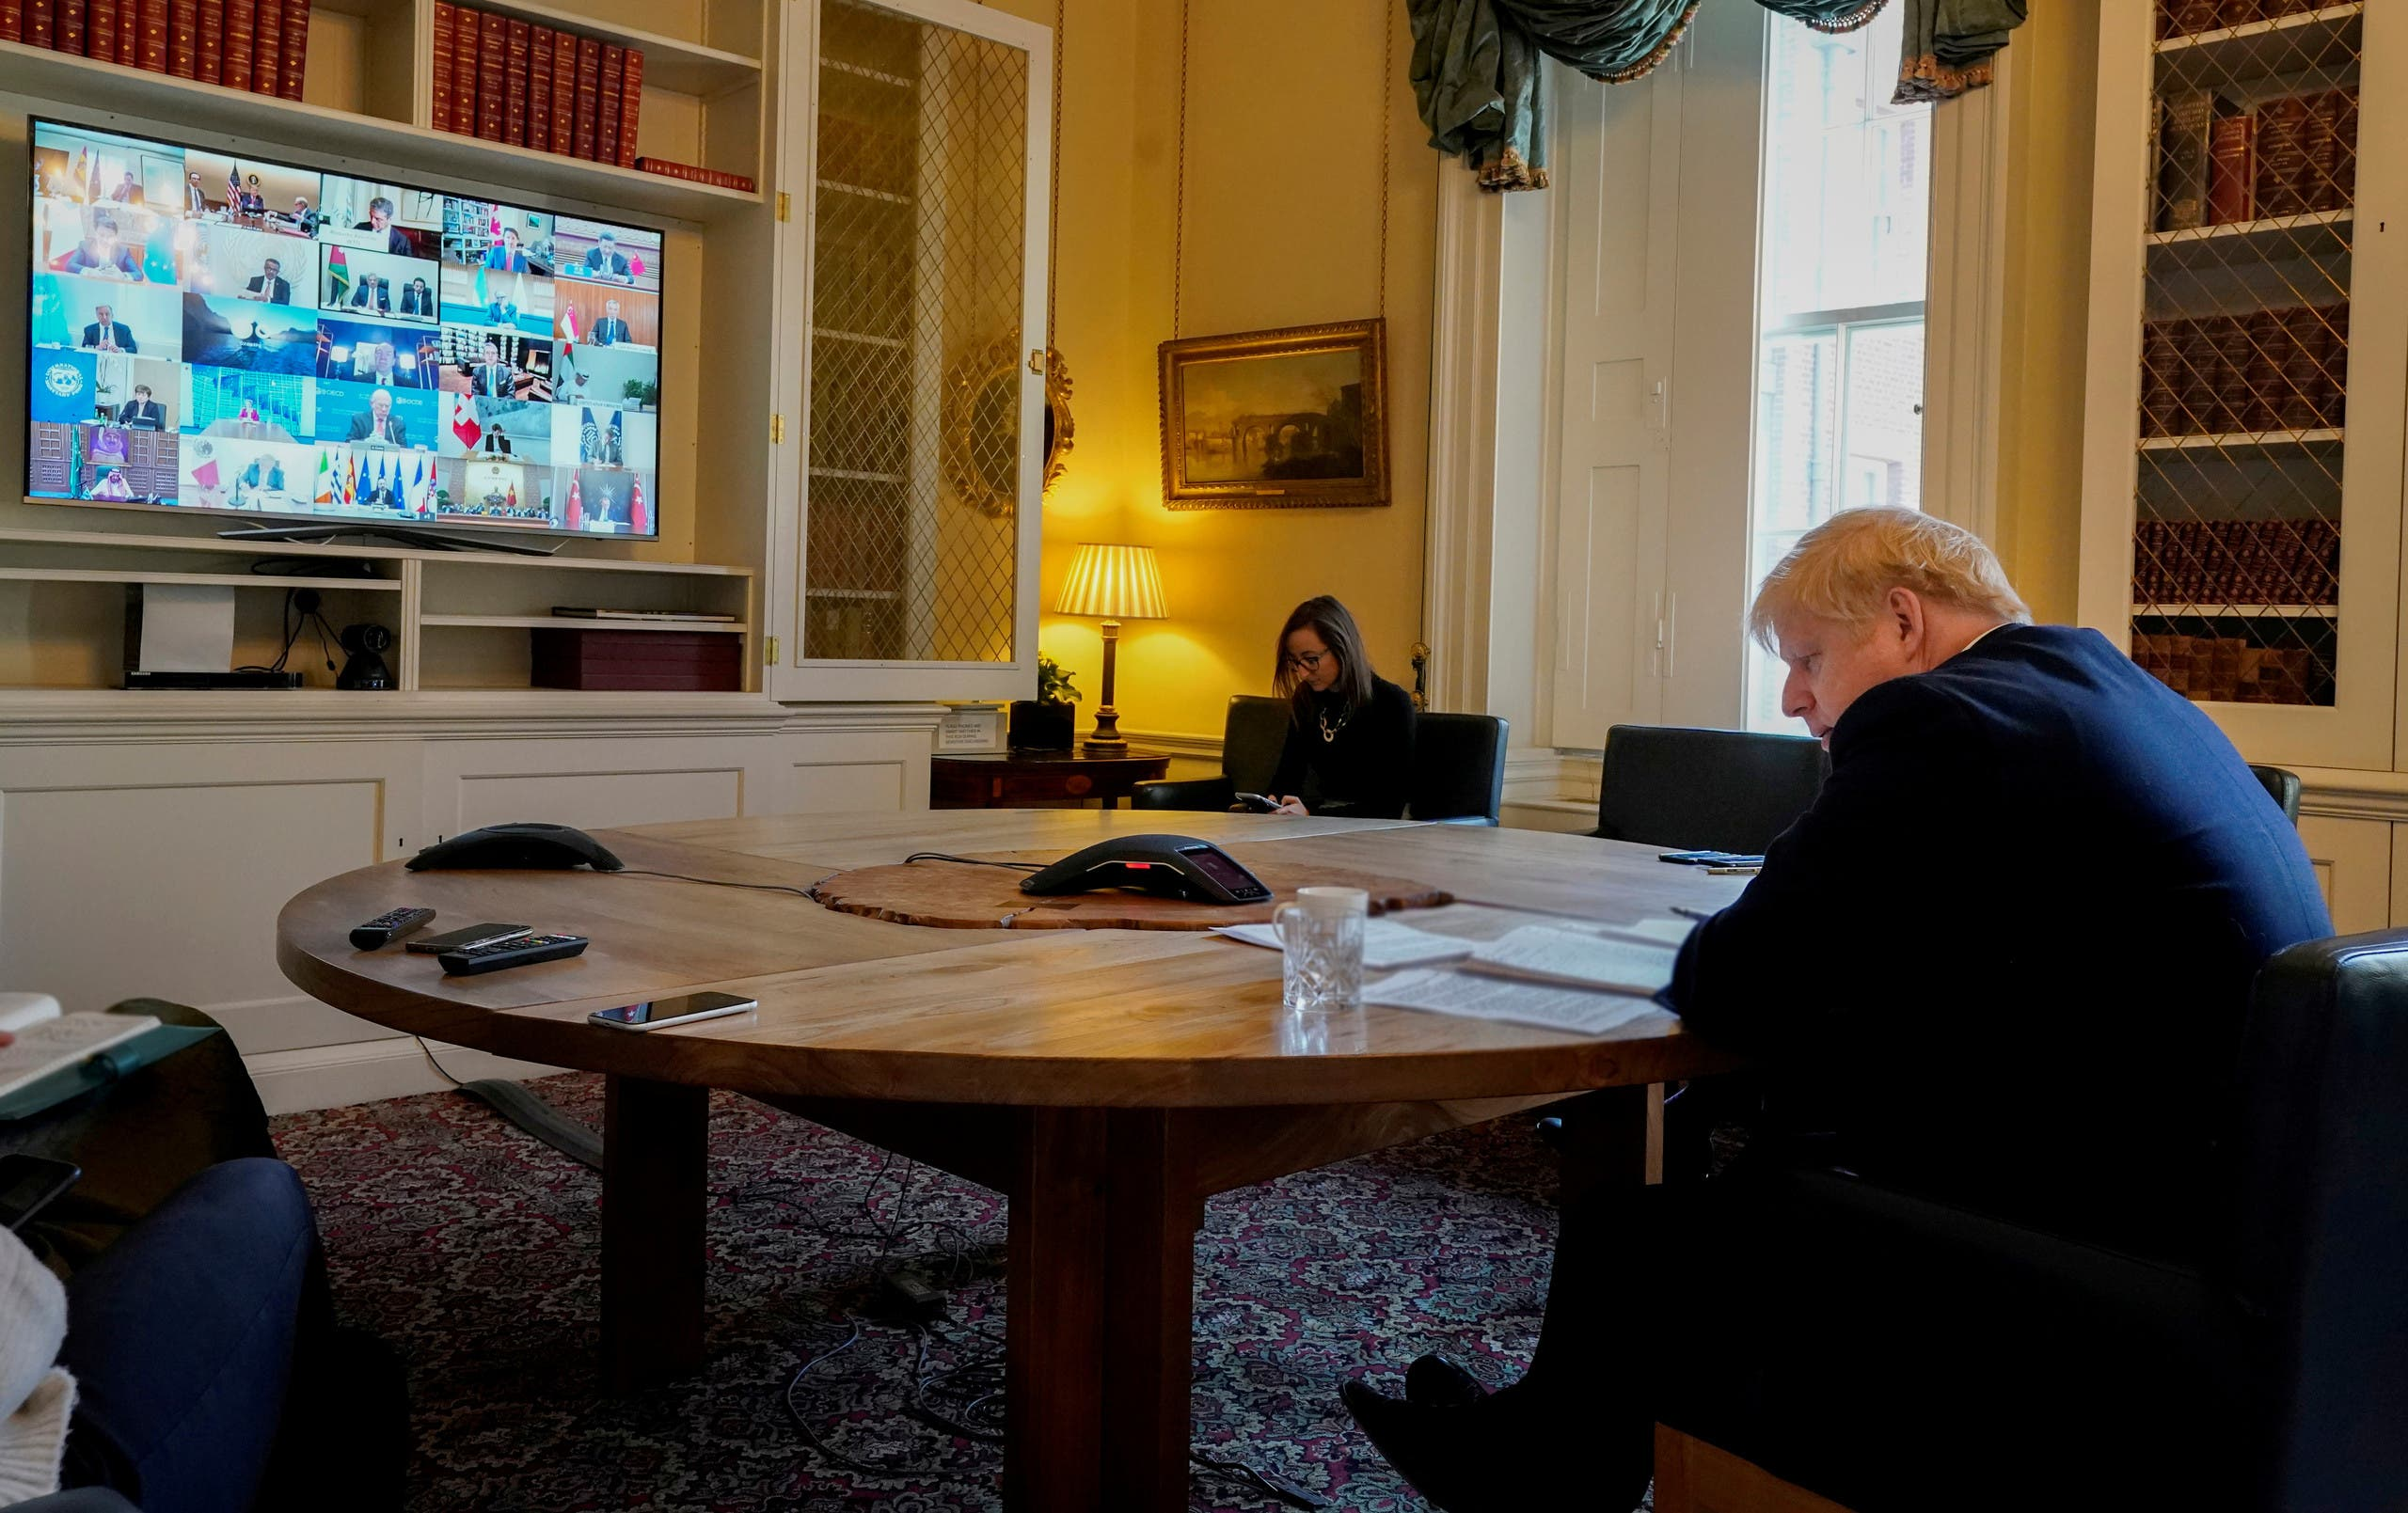 رئيس الوزراء البريطاني بوريس جونسون خلال مشاركته في قمة الـ20